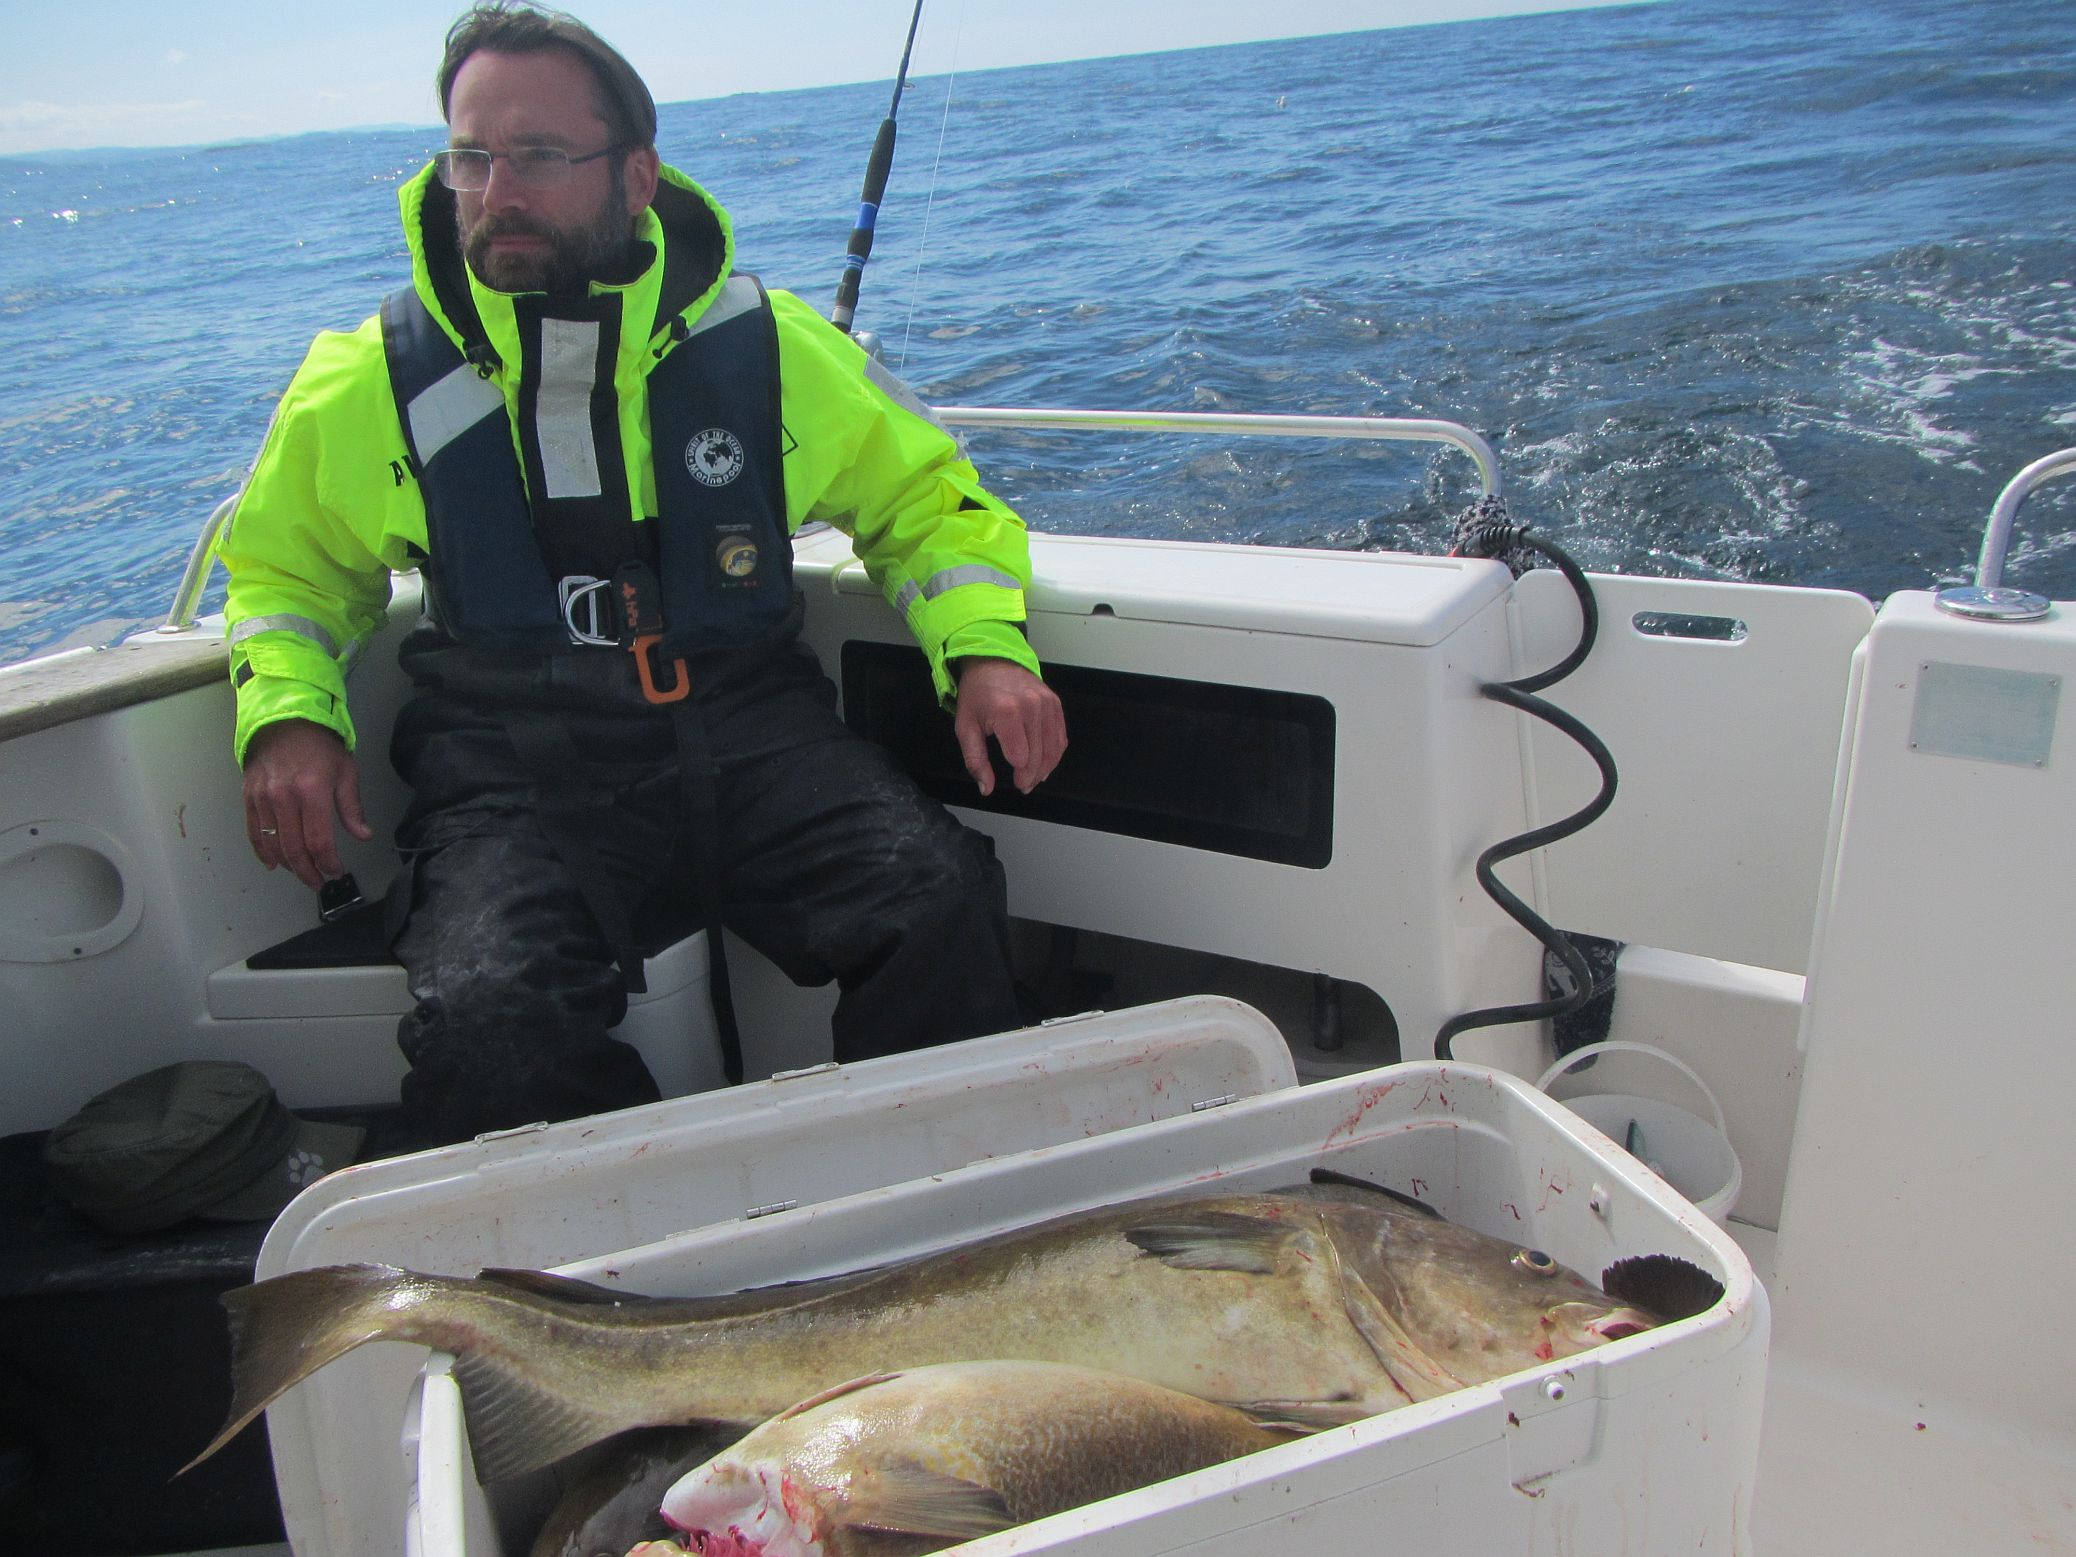 Stefan braucht eindeutig größere Fischkisten ;-)